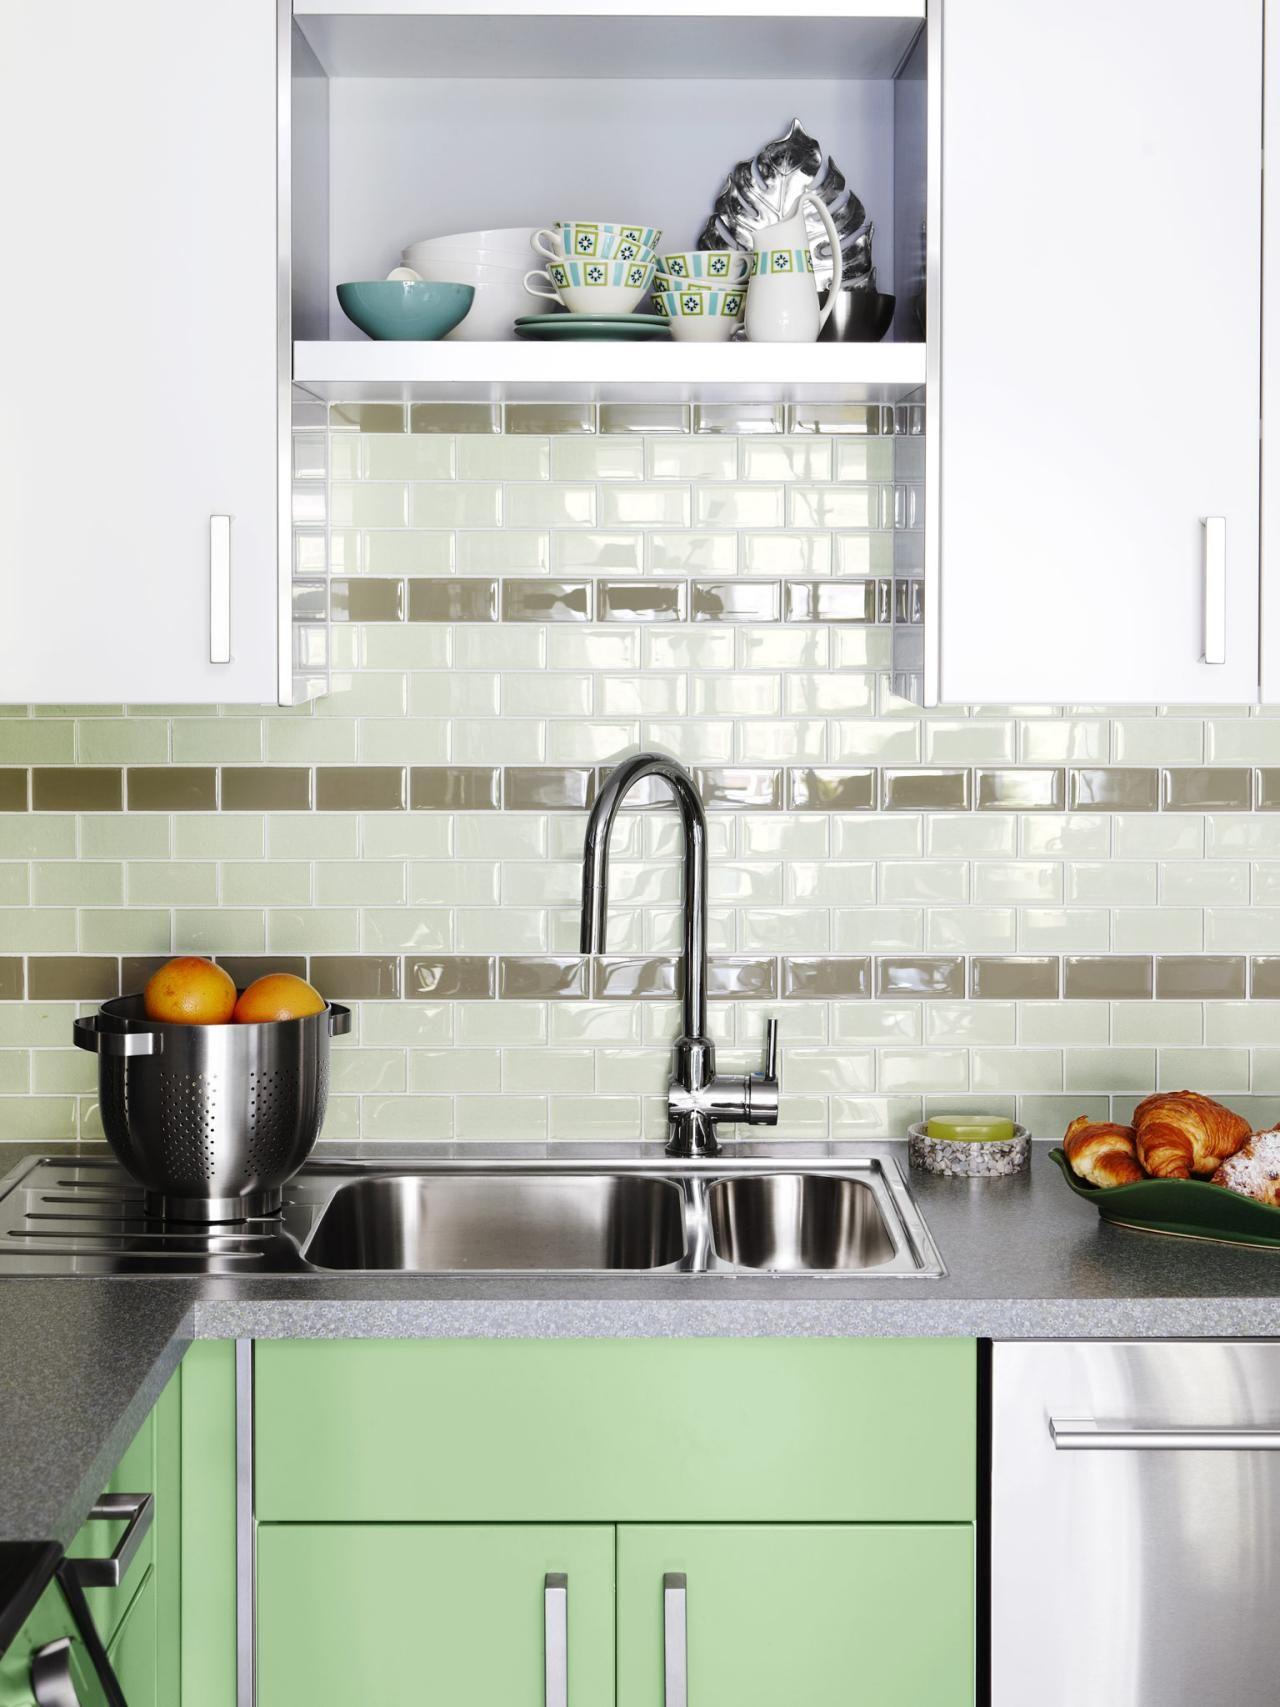 TAPWARE Kitchen Design Tips From HGTVu0027s Sarah Richardson | Kitchen Ideas U0026  Design With Cabinets, Islands, Backsplashes | HGTV